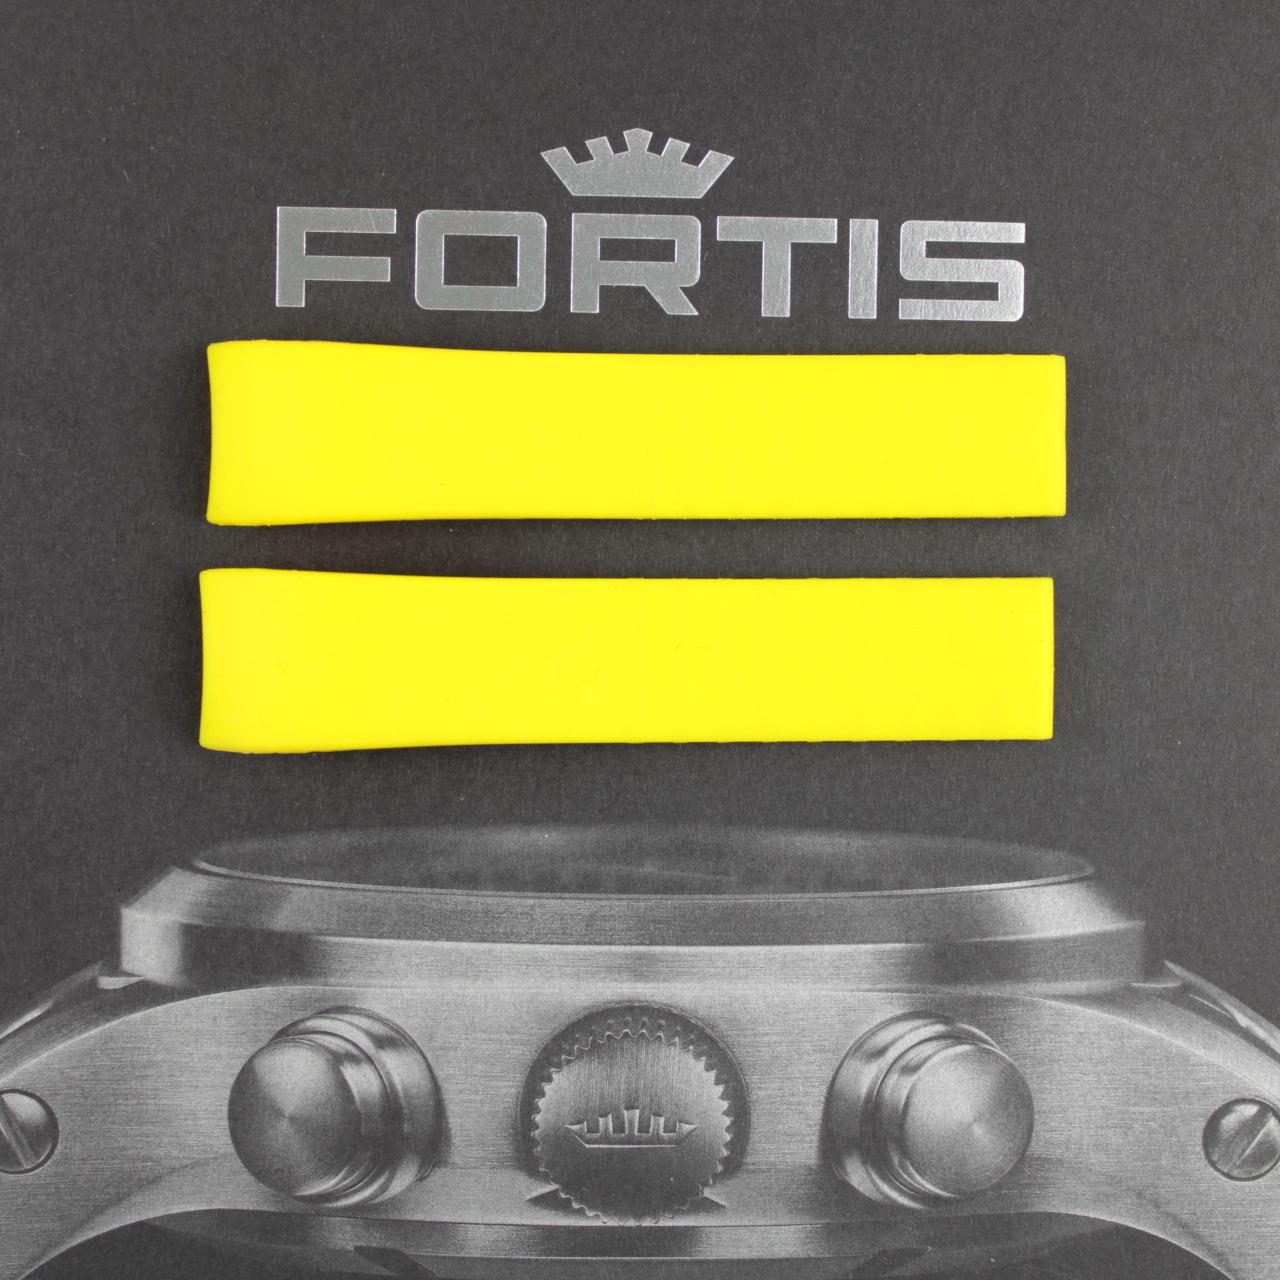 Fortis Spacematic Silikonband mit integrierten Anstoß gelb